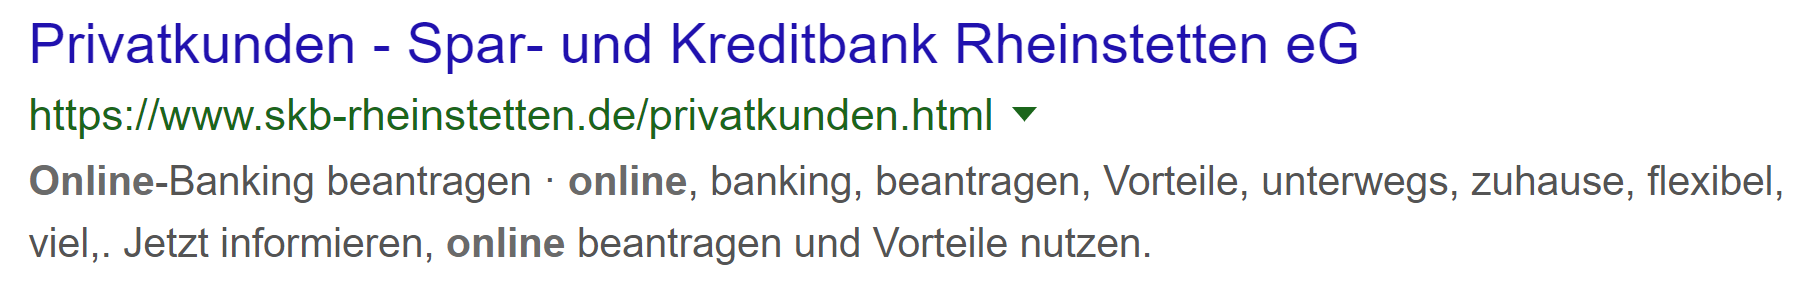 """Die Spar- und Kreditbank Rheinstetten verschenkt viel Potential auf die Suchanfrage """"Online Kredit"""" und das in einem der härtesten Märkte überhaupt – Kreditvermittlung."""